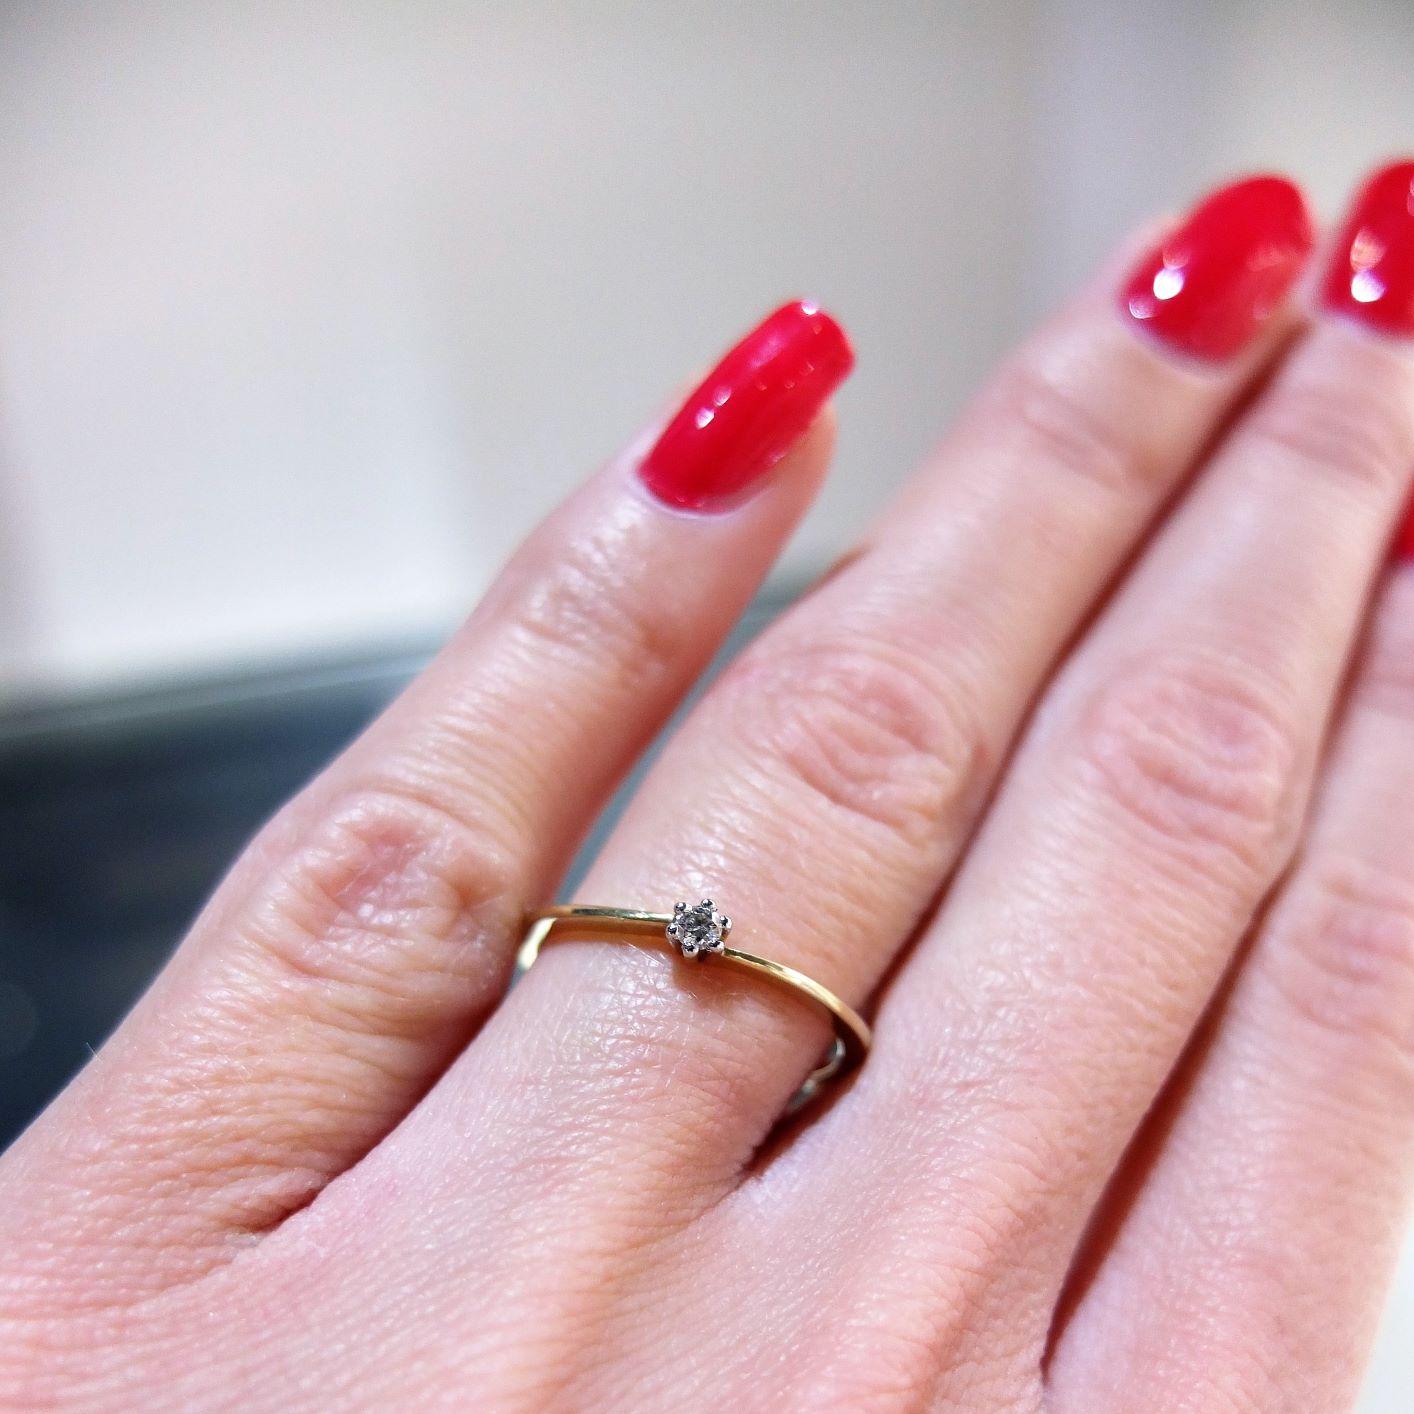 Jedinečný prsteň s centrálným diamantom